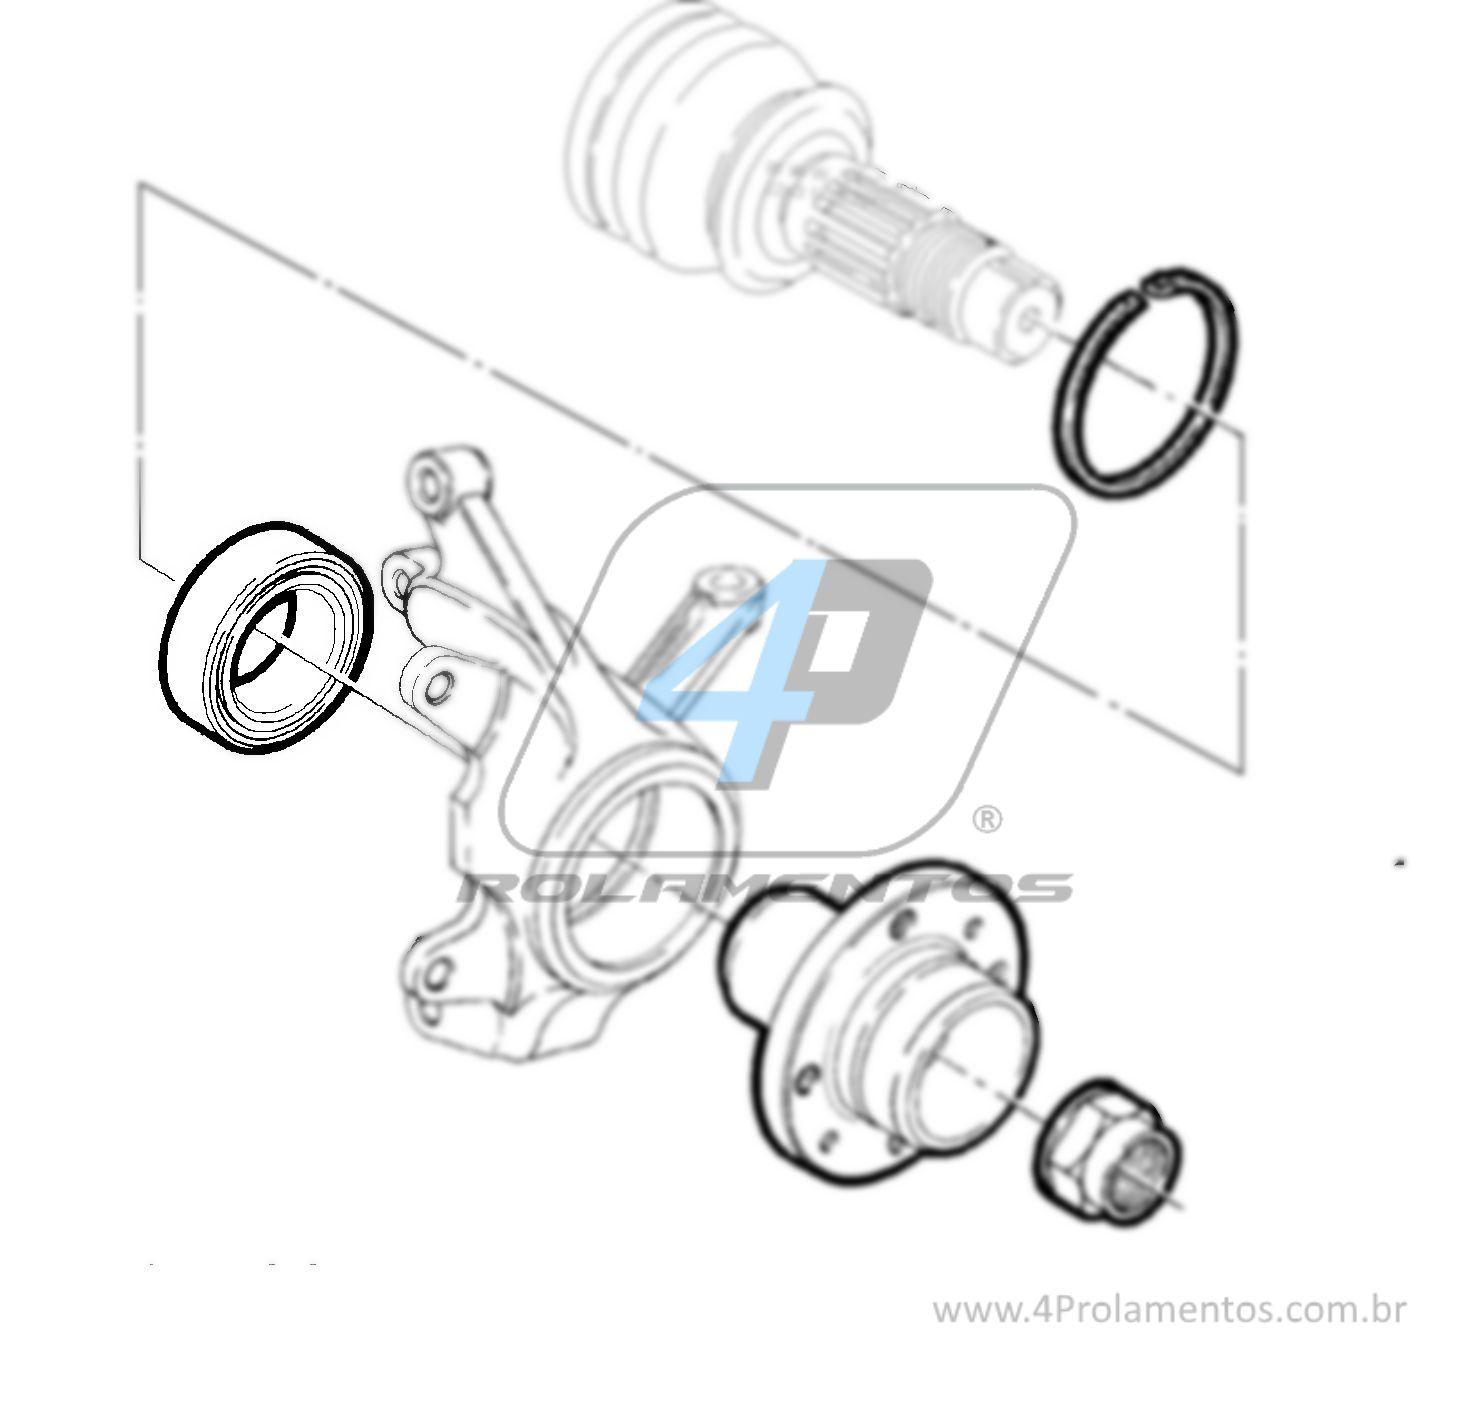 Rolamento de Roda Dianteira FIAT Tempra 1992 até 1999, sem ABS